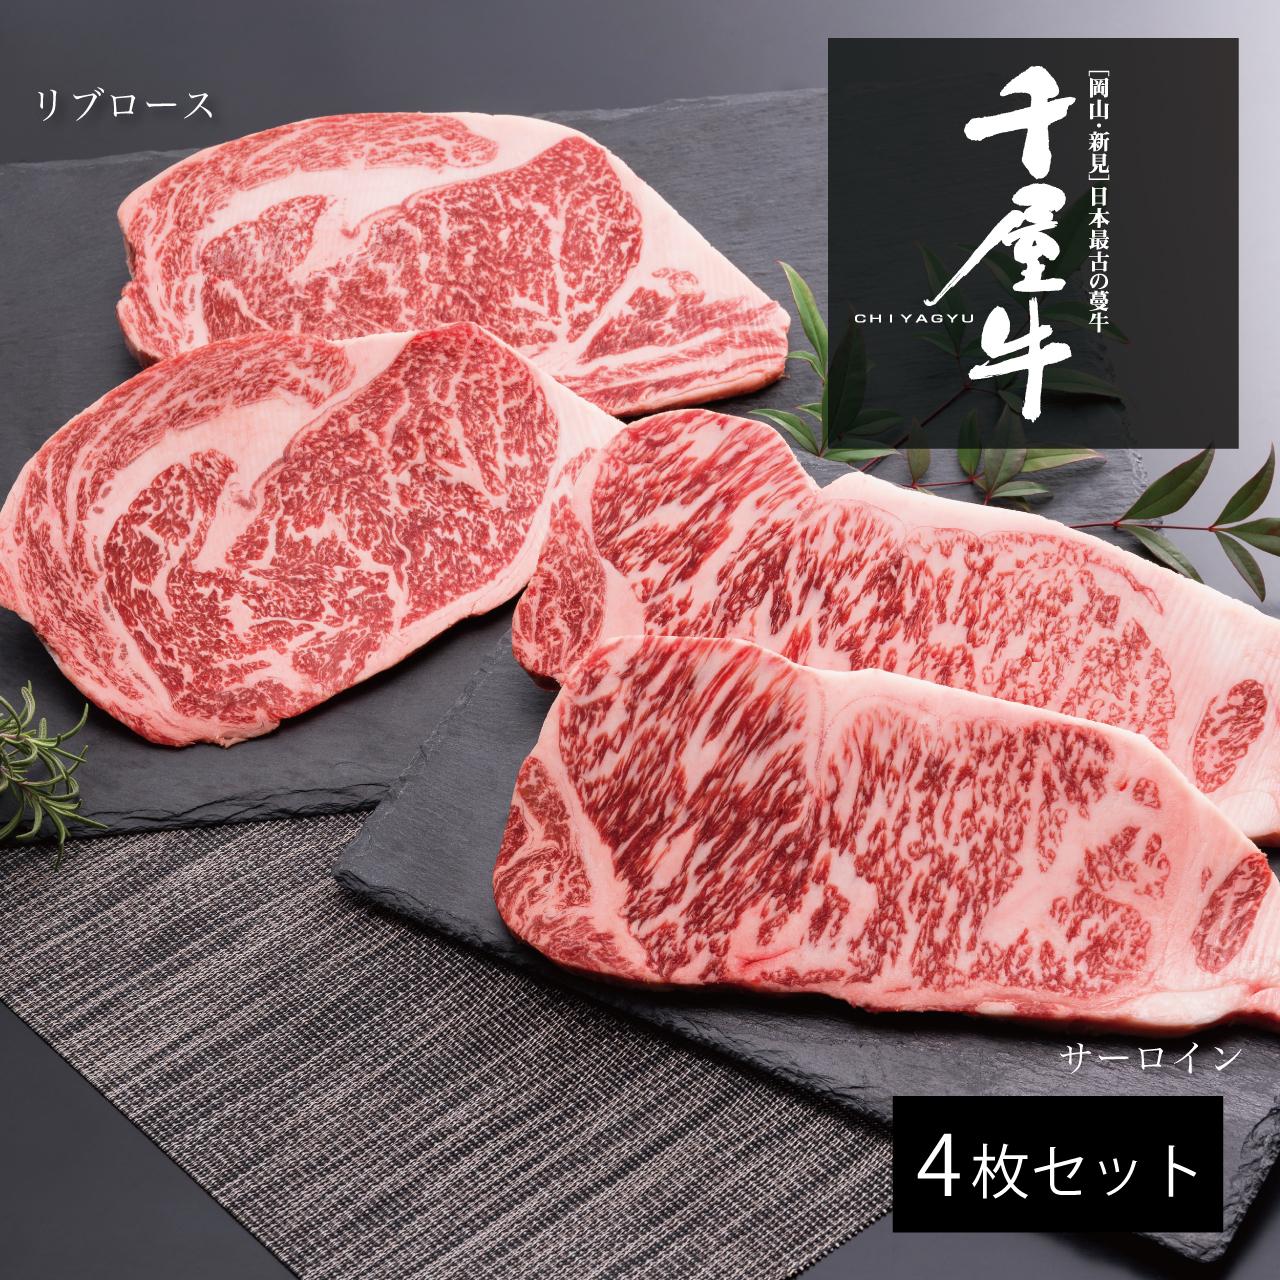 千屋牛A4等級ステーキ 2種食べ比べ ギフト800g【送料無料】